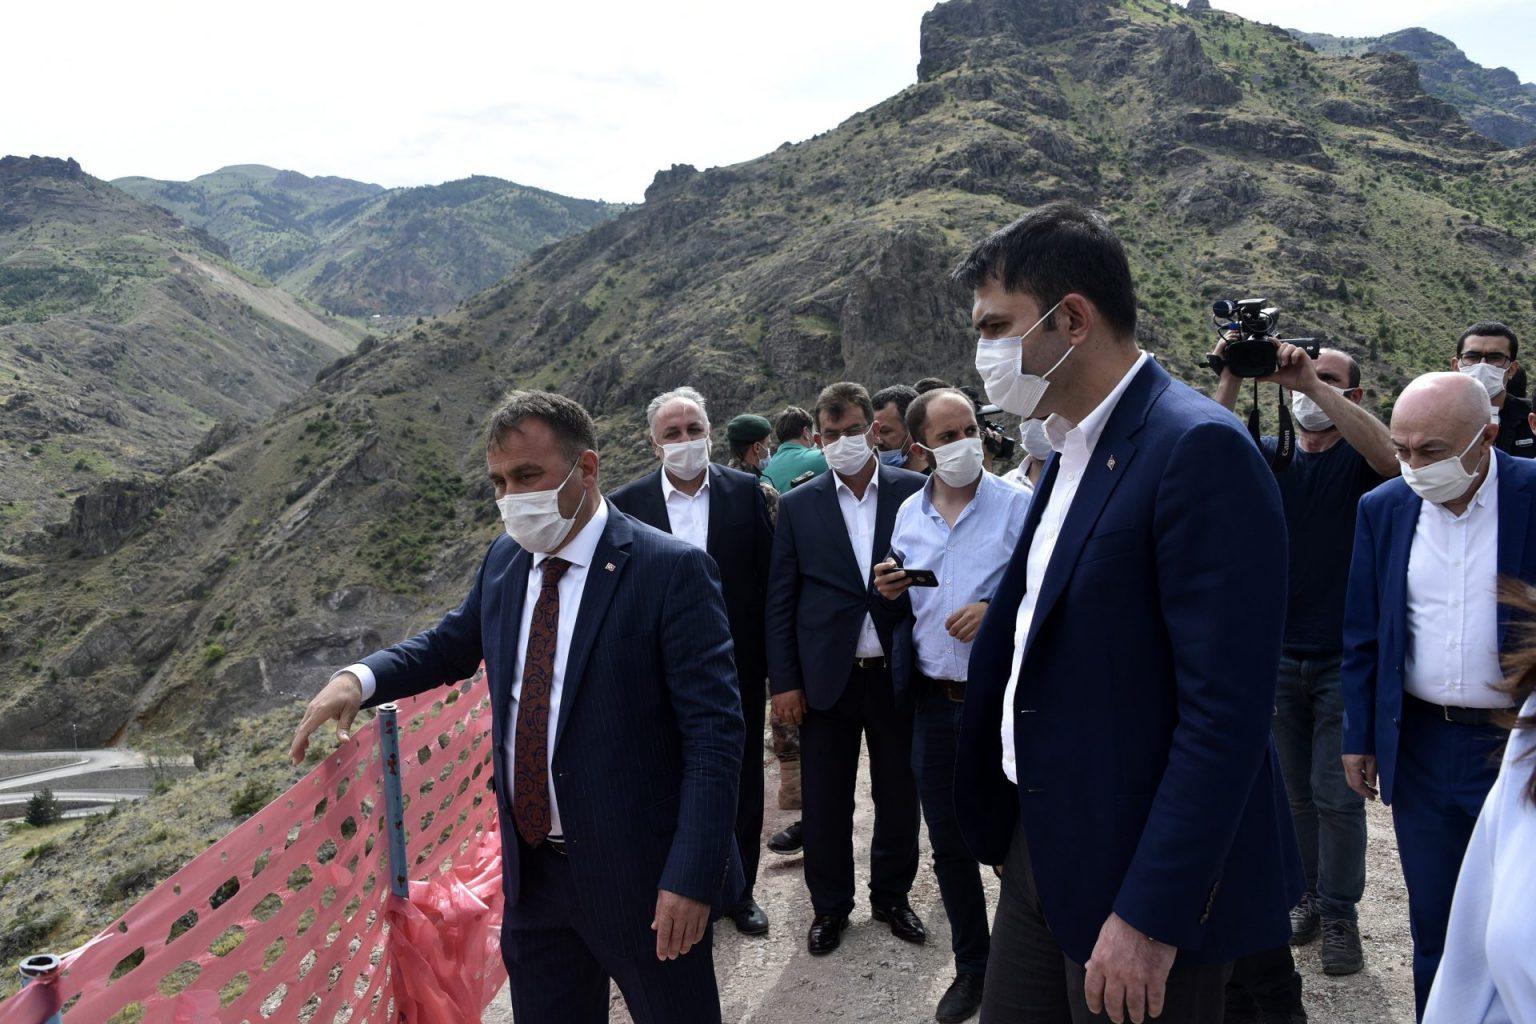 evre ve Şehircilik Bakanı Murat Kurum Gümüşhanegezisinde yerel yöneticilerden bilgi aldı